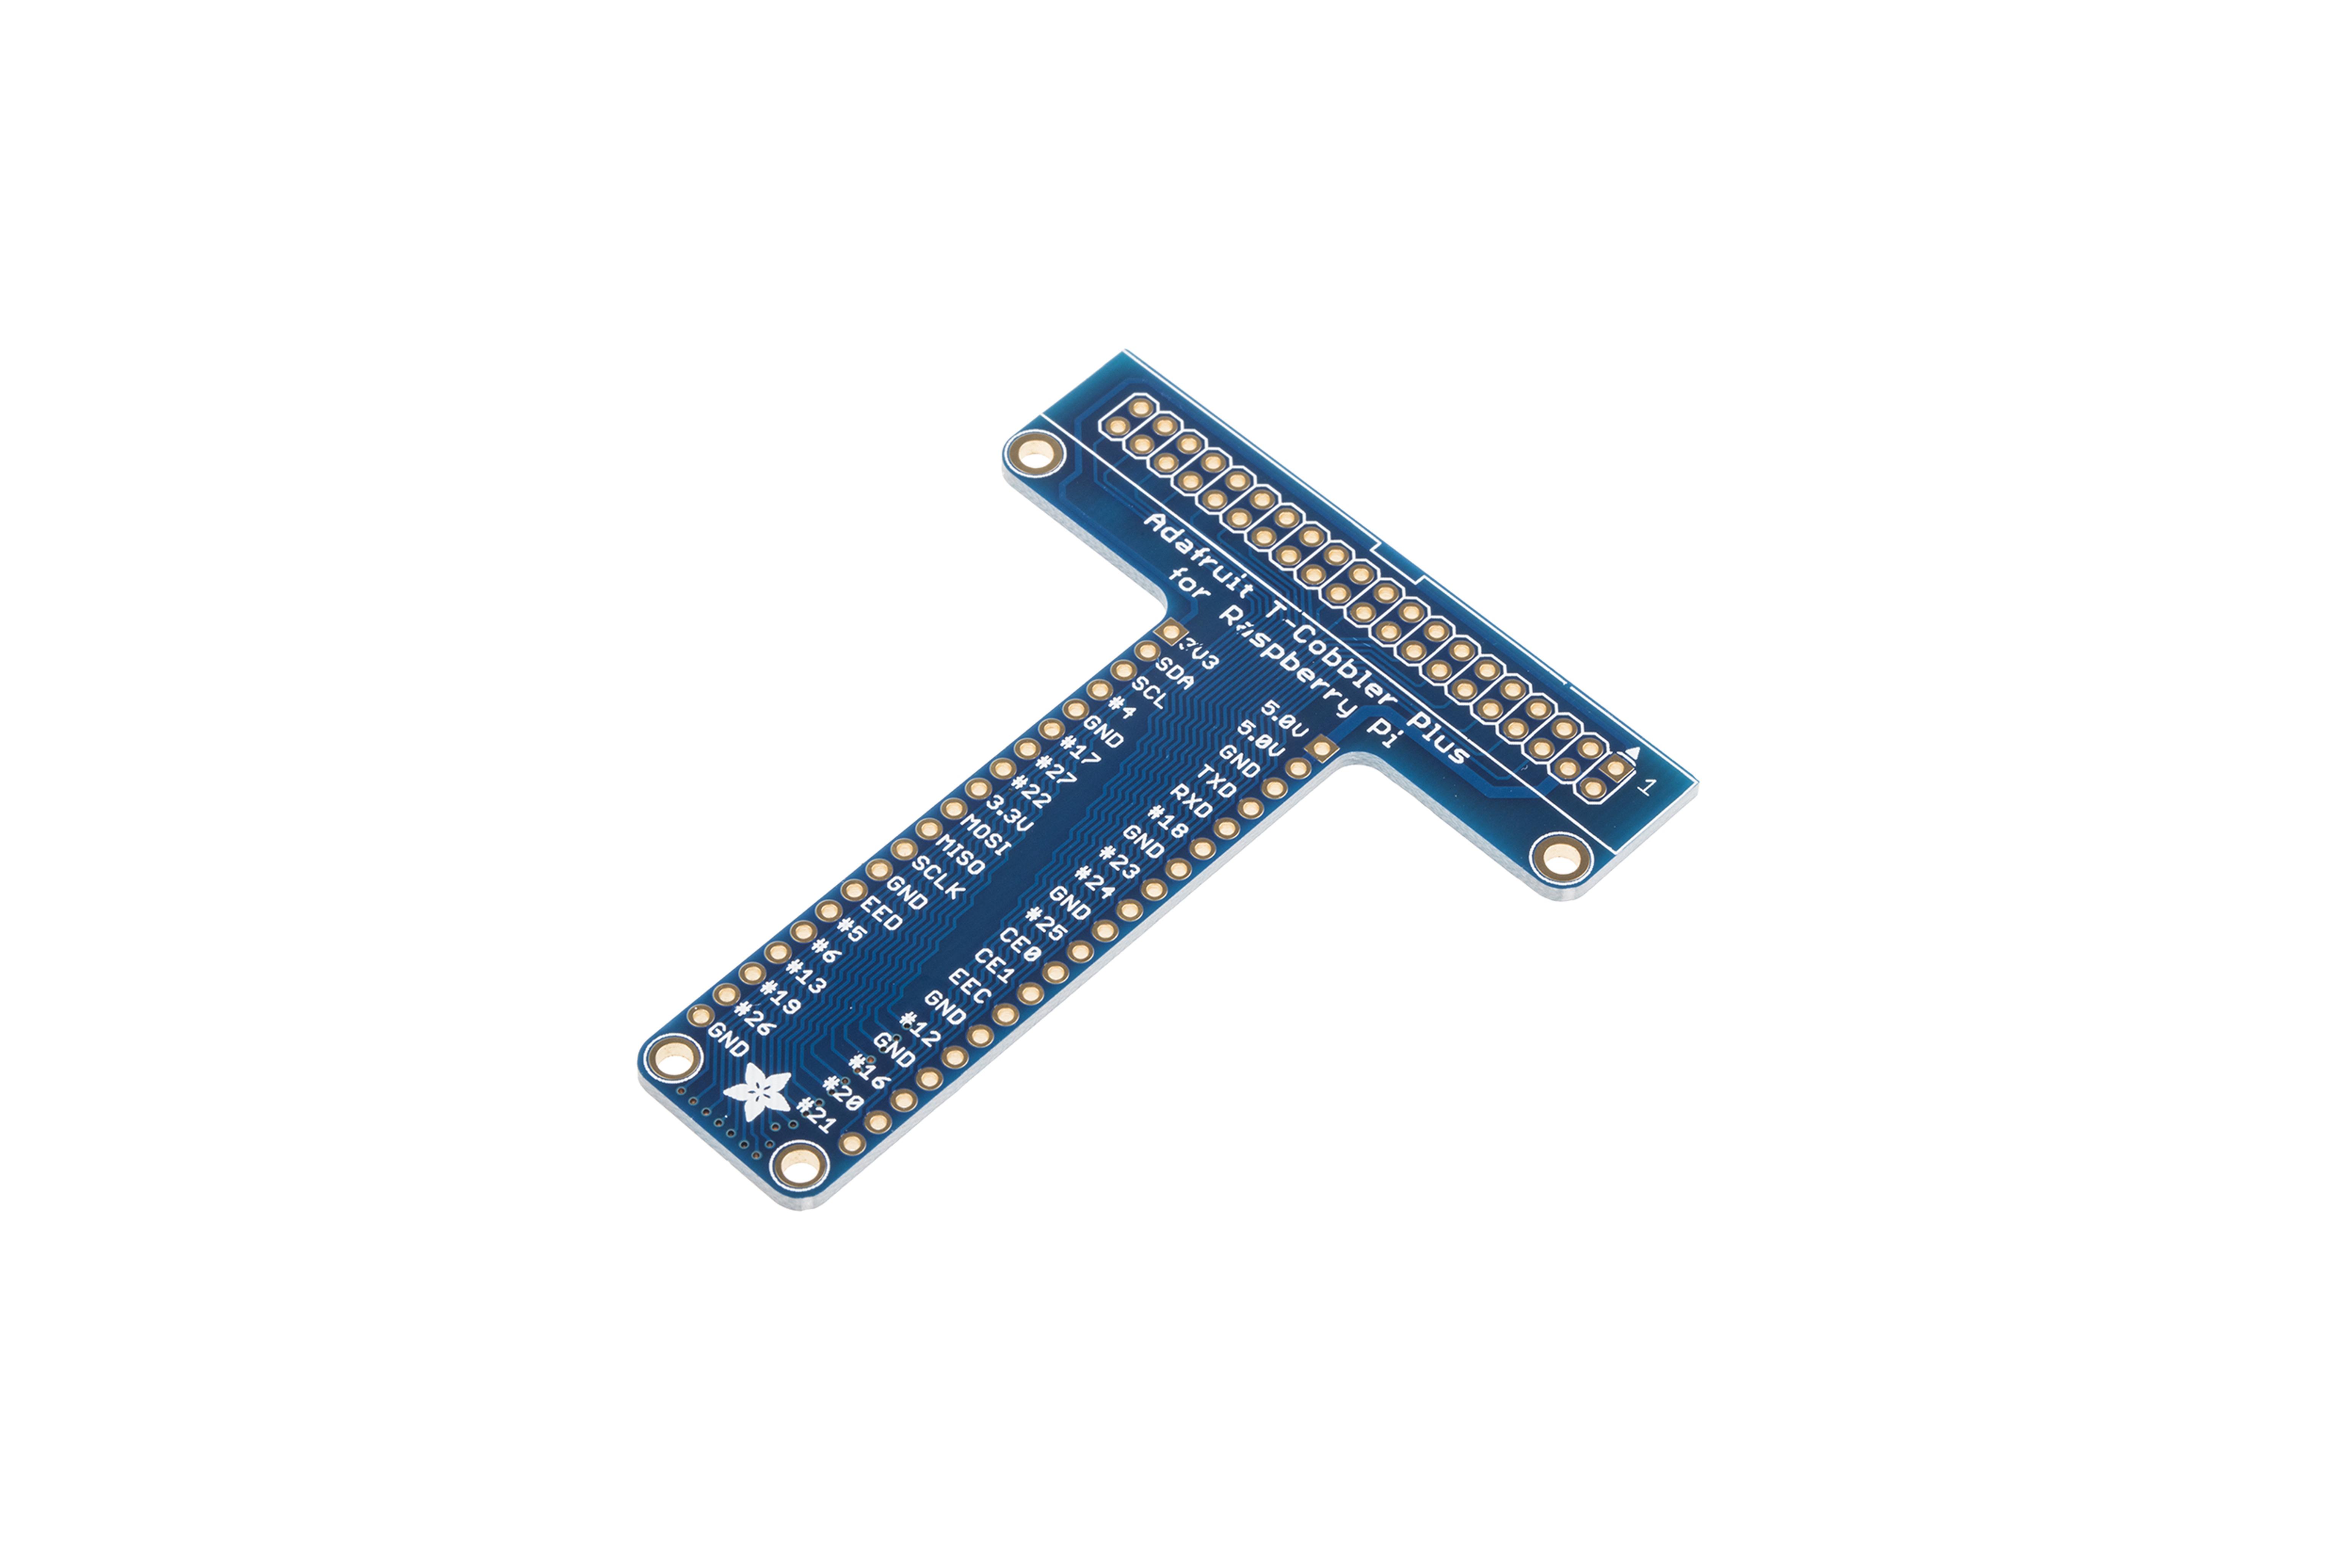 Pi T-Cobbler-kit onderbreking voor R Pi A+/B+